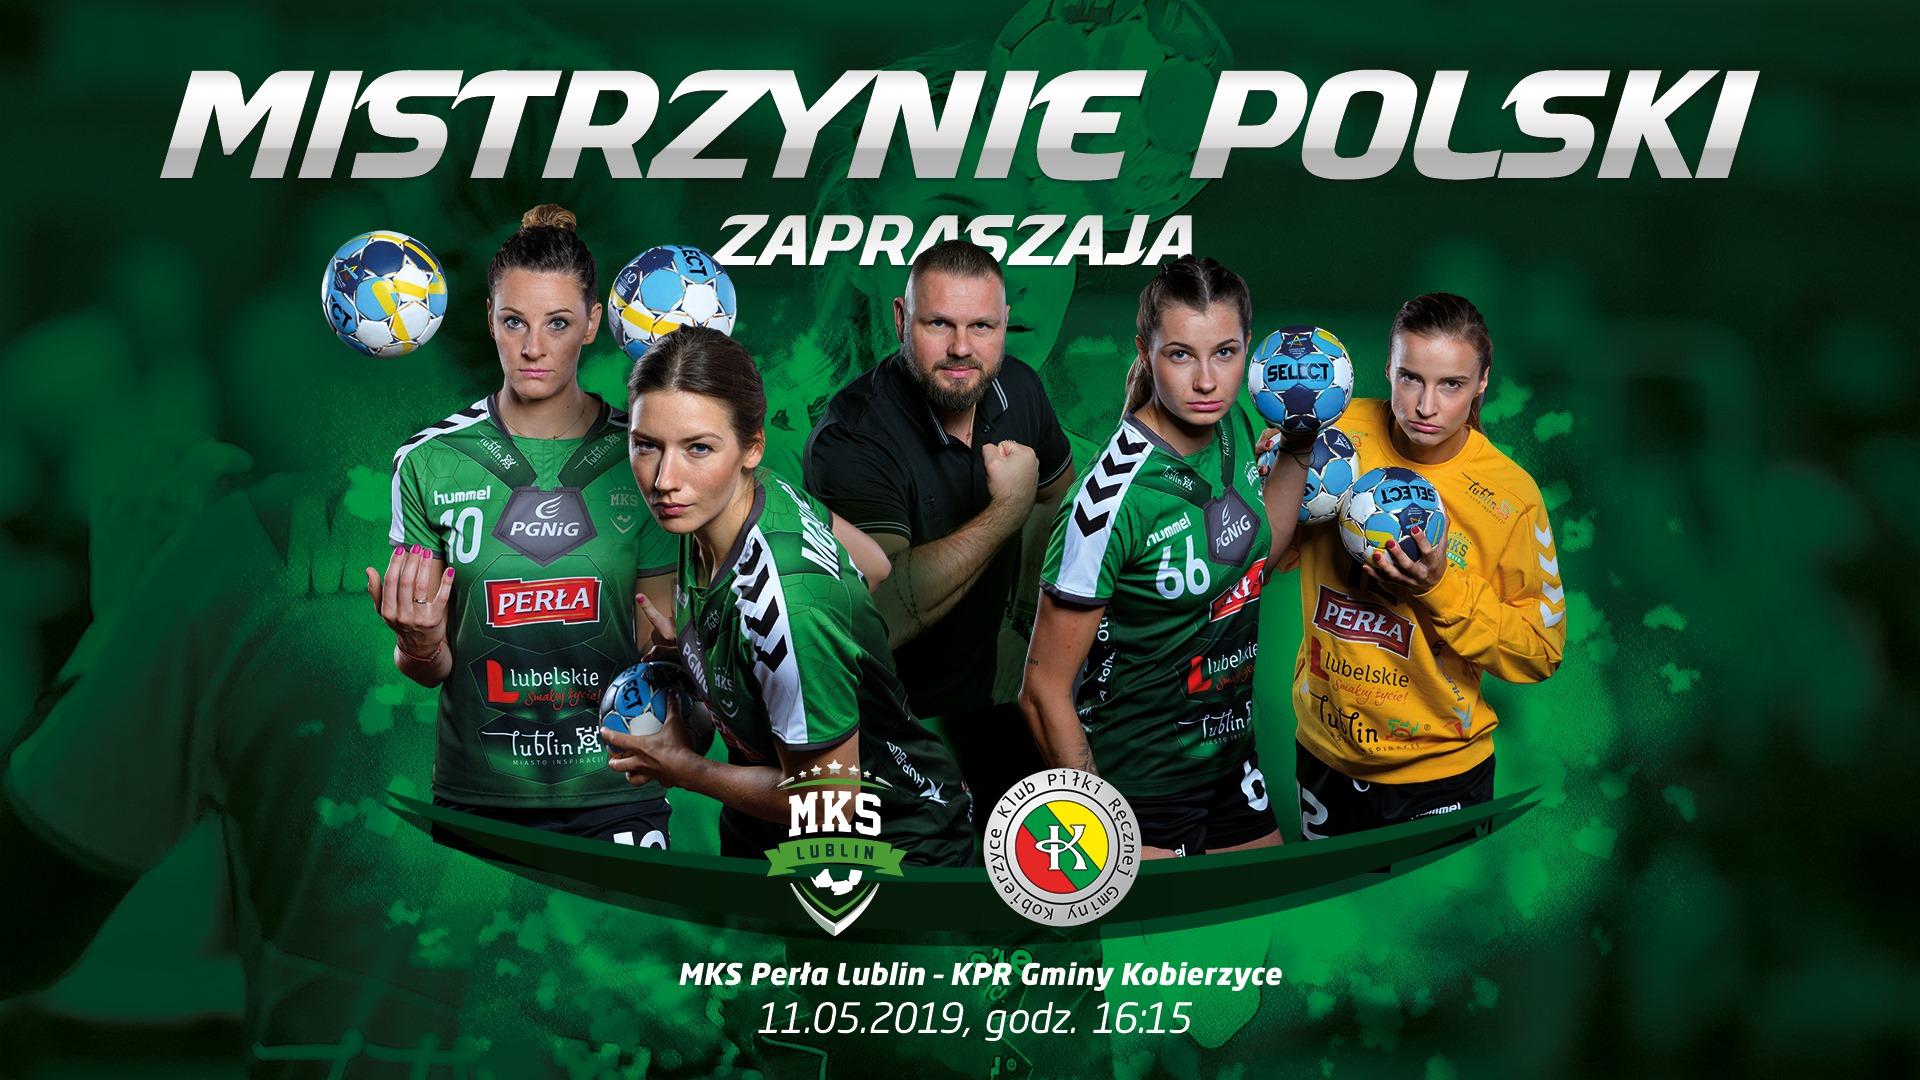 MKS Perła Lublin - KPR Gminy Kobierzyce 34:25